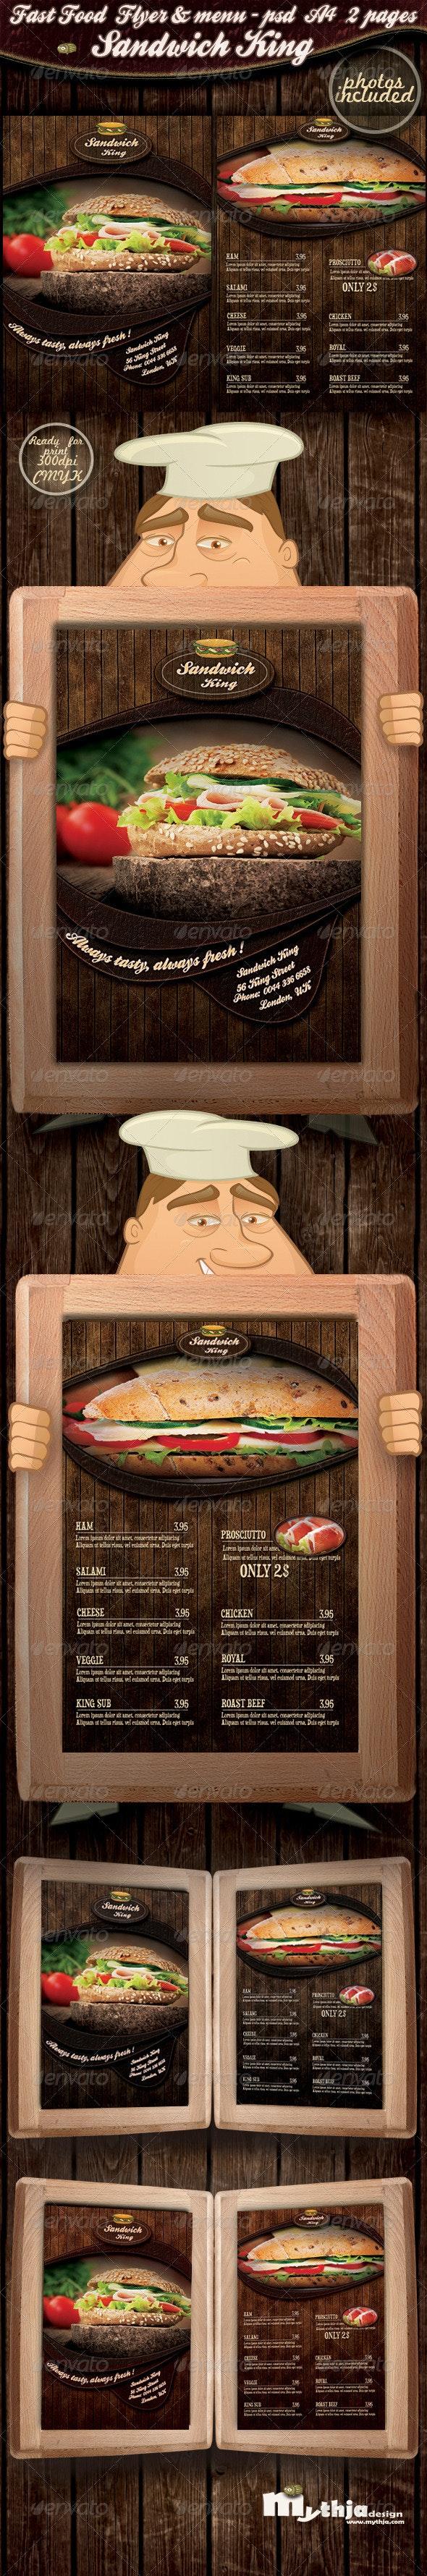 Fast food flyer & menu - Sandwich king - Print Templates